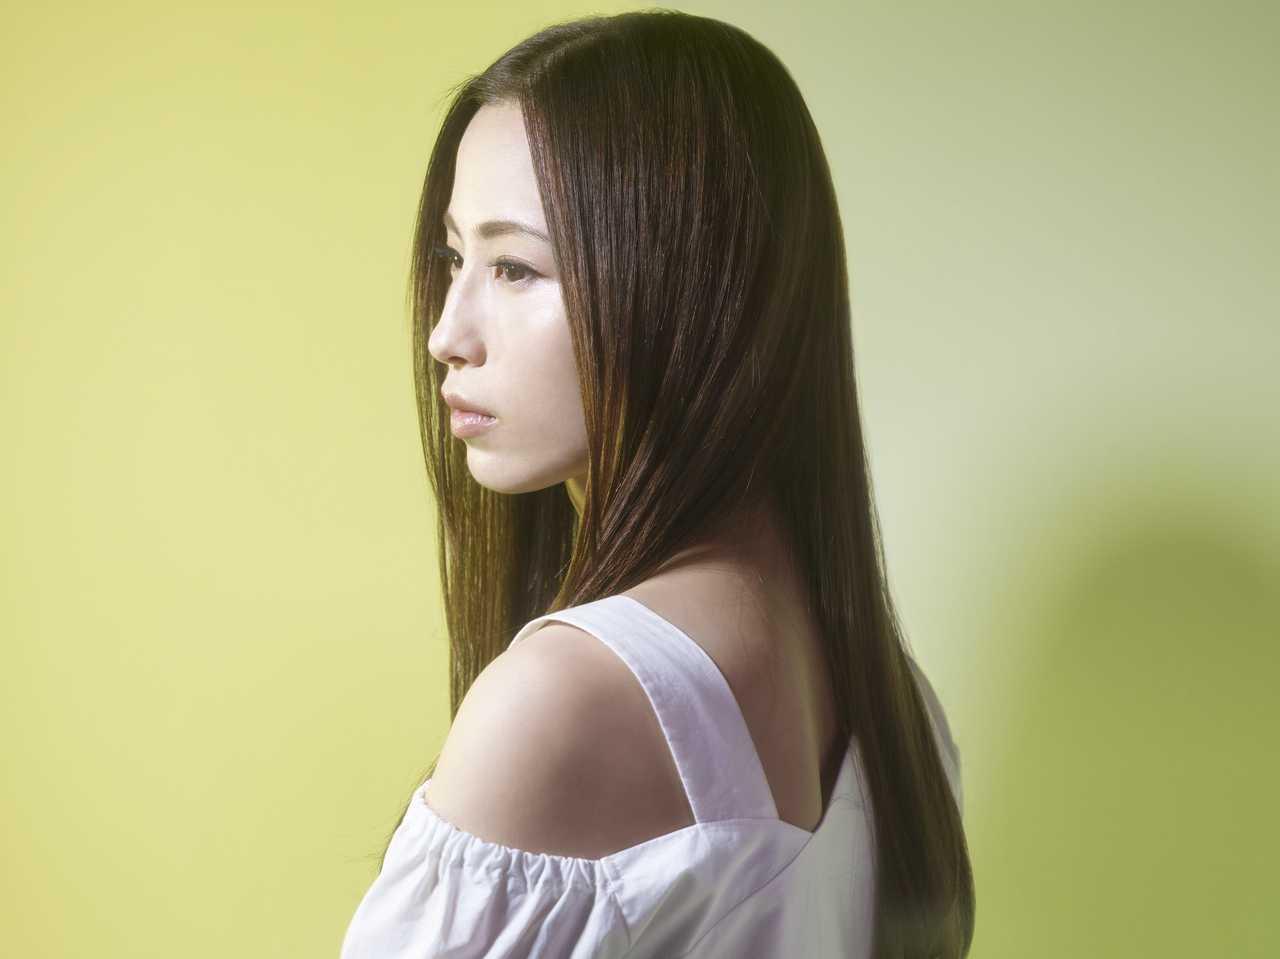 Uru 主題歌「ファーストラヴ」× 映画『ファーストラヴ』特別映像解禁!シングル全曲先行配信も決定!